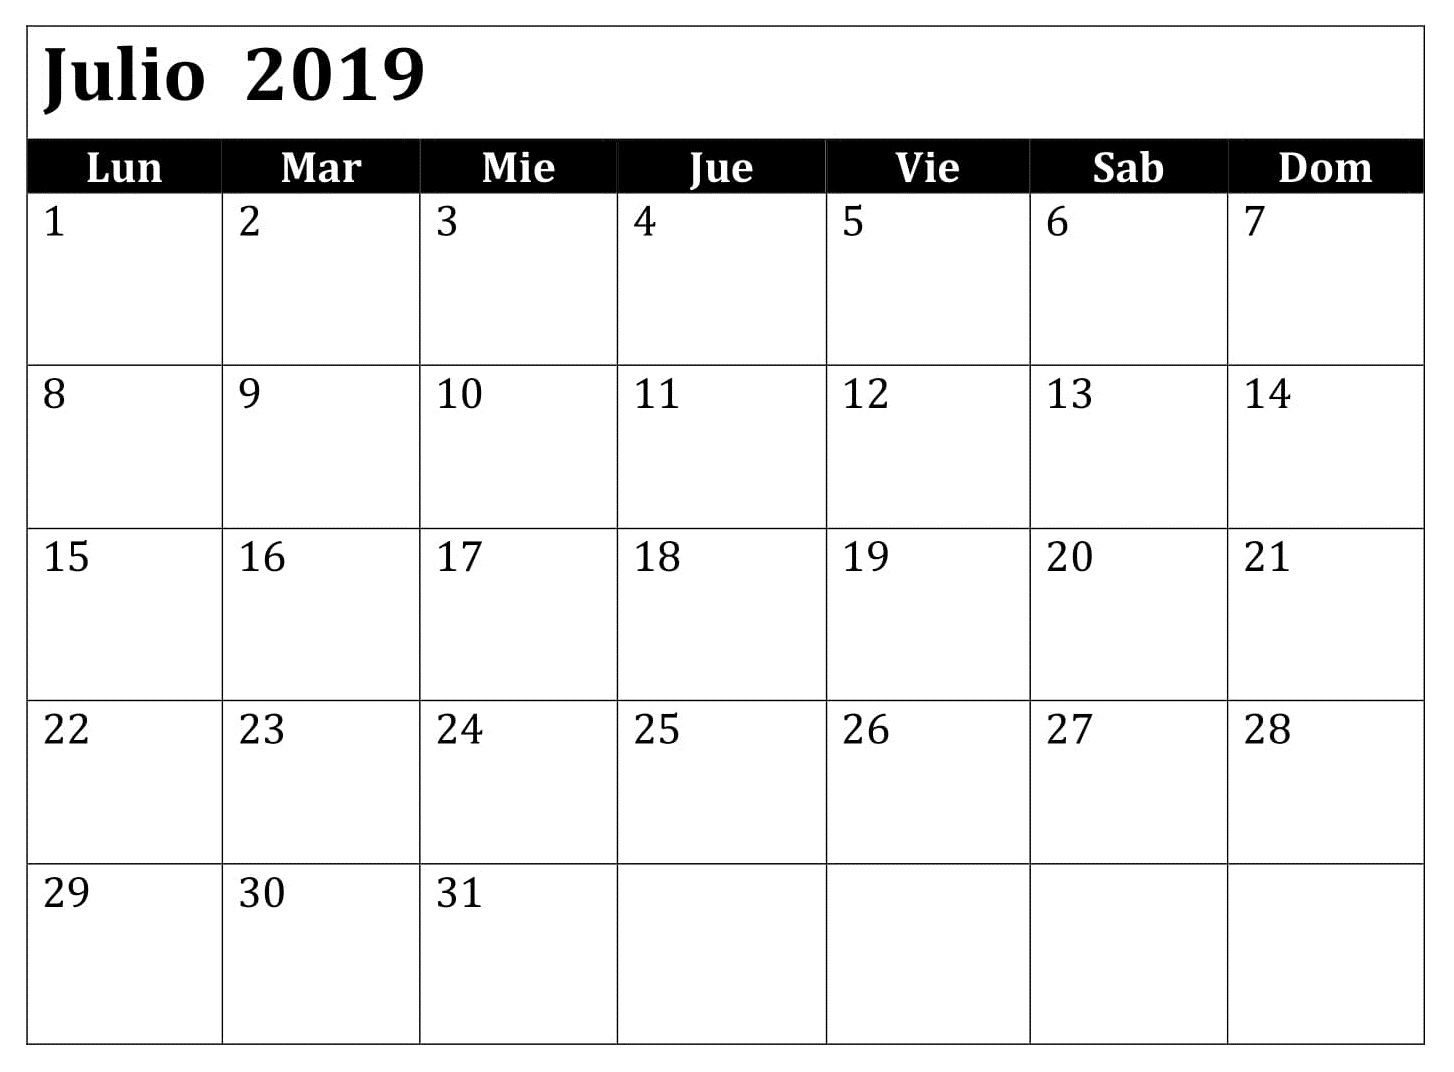 Julio Calendario 2019.Excel Calendario Julio 2019 Mensual Vacaciones Modelo Gratis